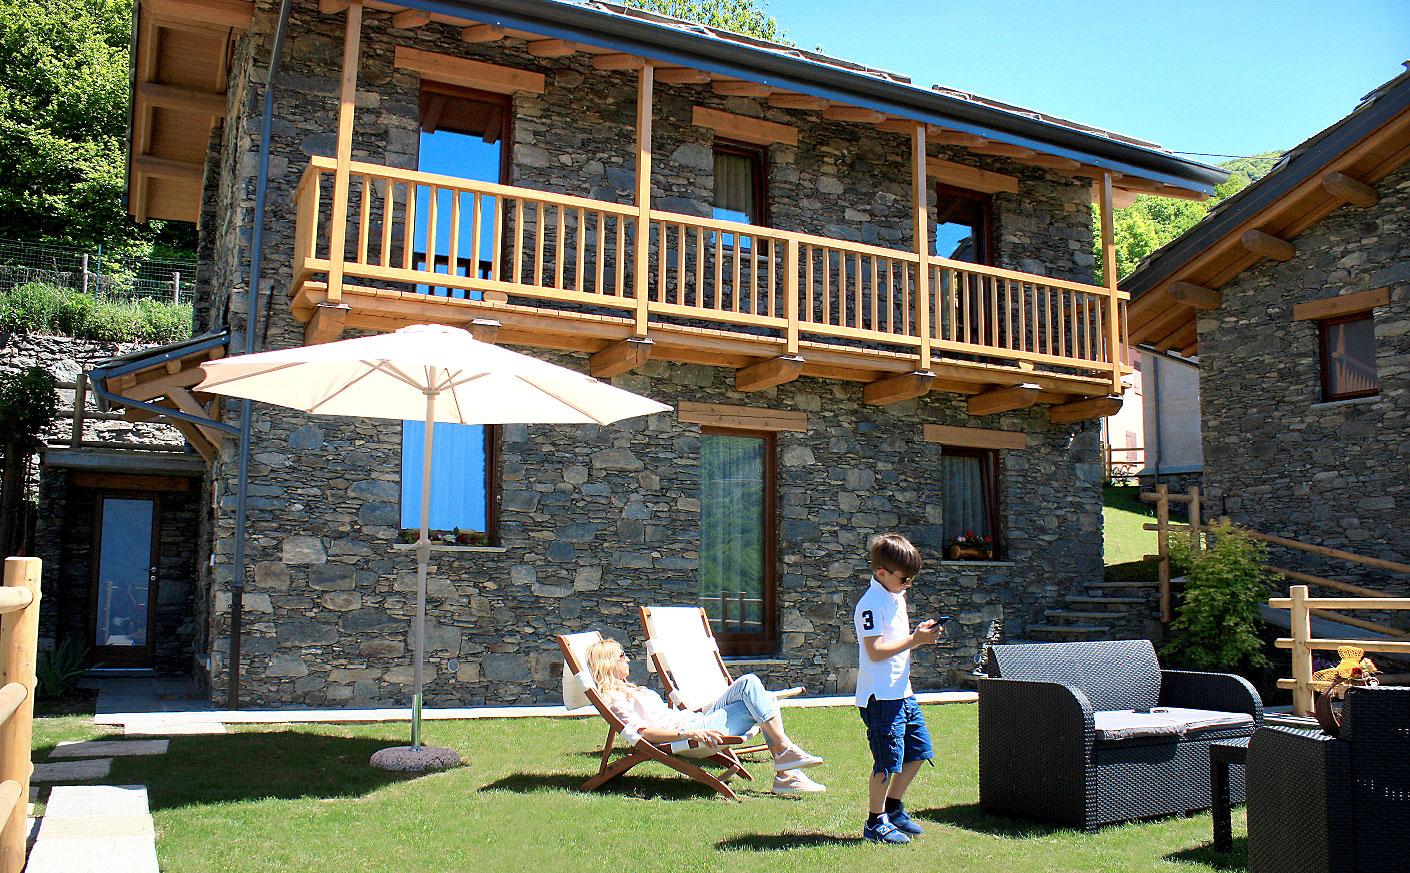 Vacanze da sogno in montagna piemonte splendidi chalet for Case legno e pietra